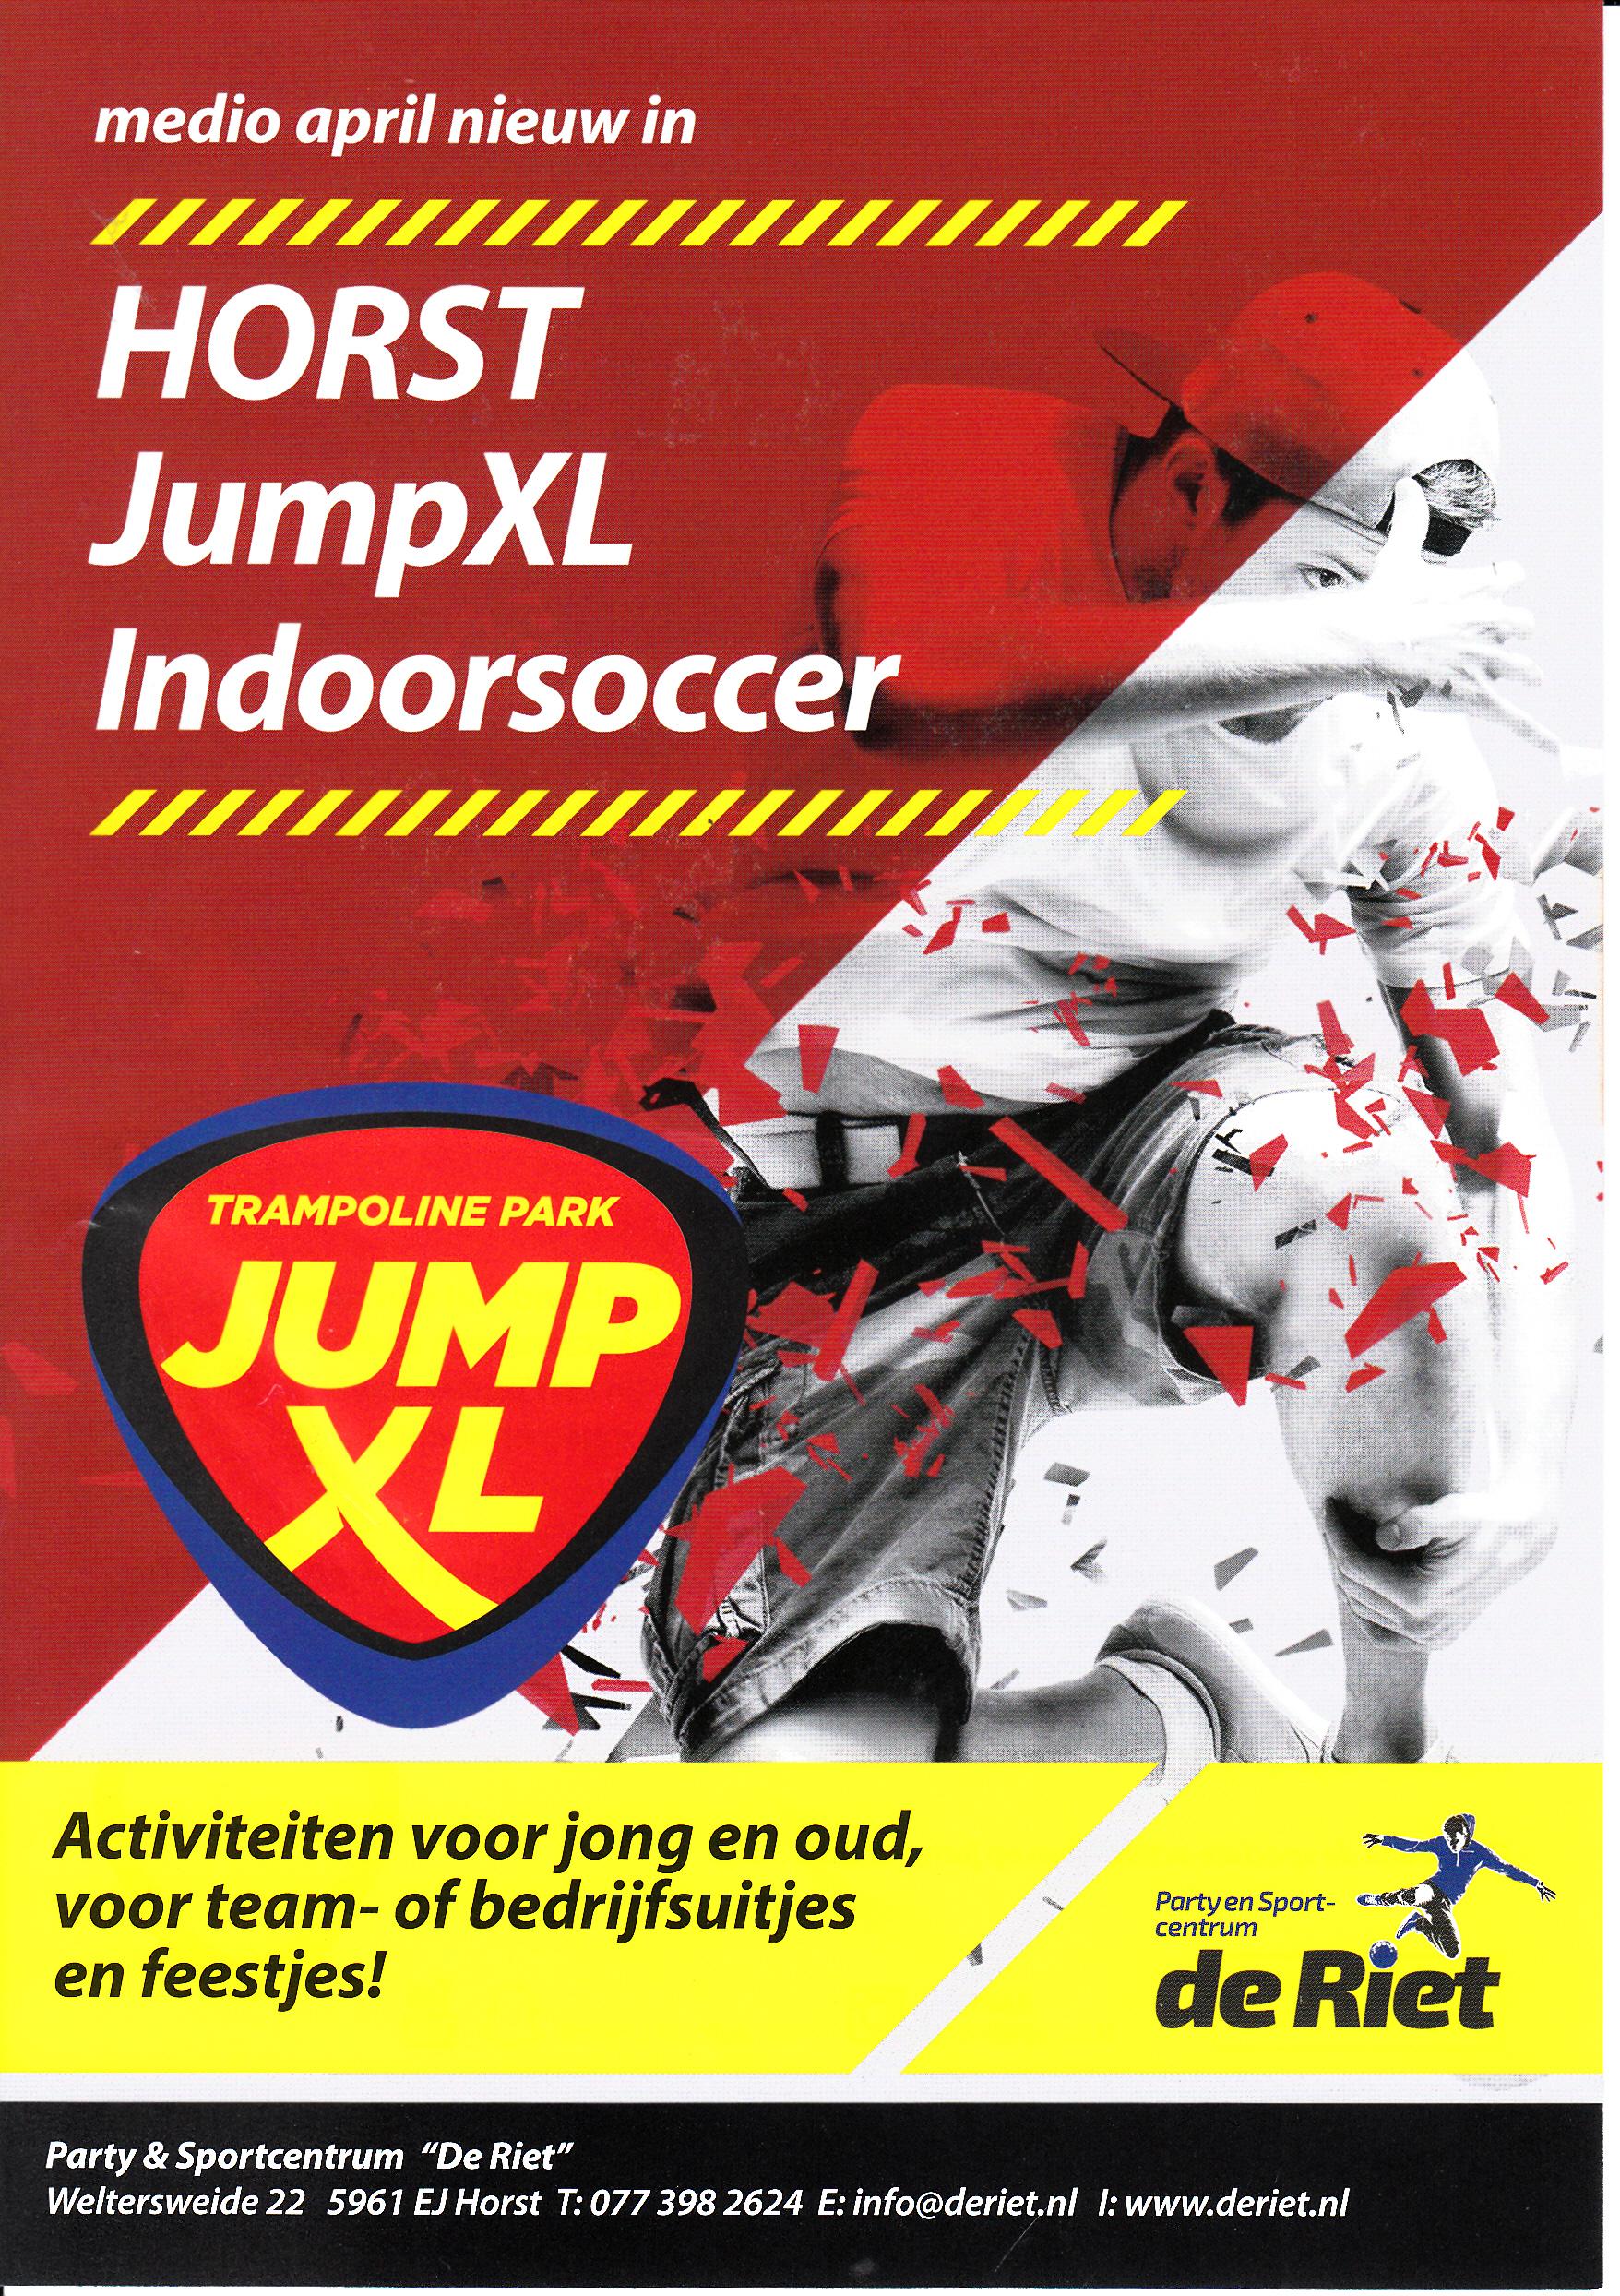 Party en Sportcentrum De Riet met publiekstrekker JUMP XL op dezelfde locatie.